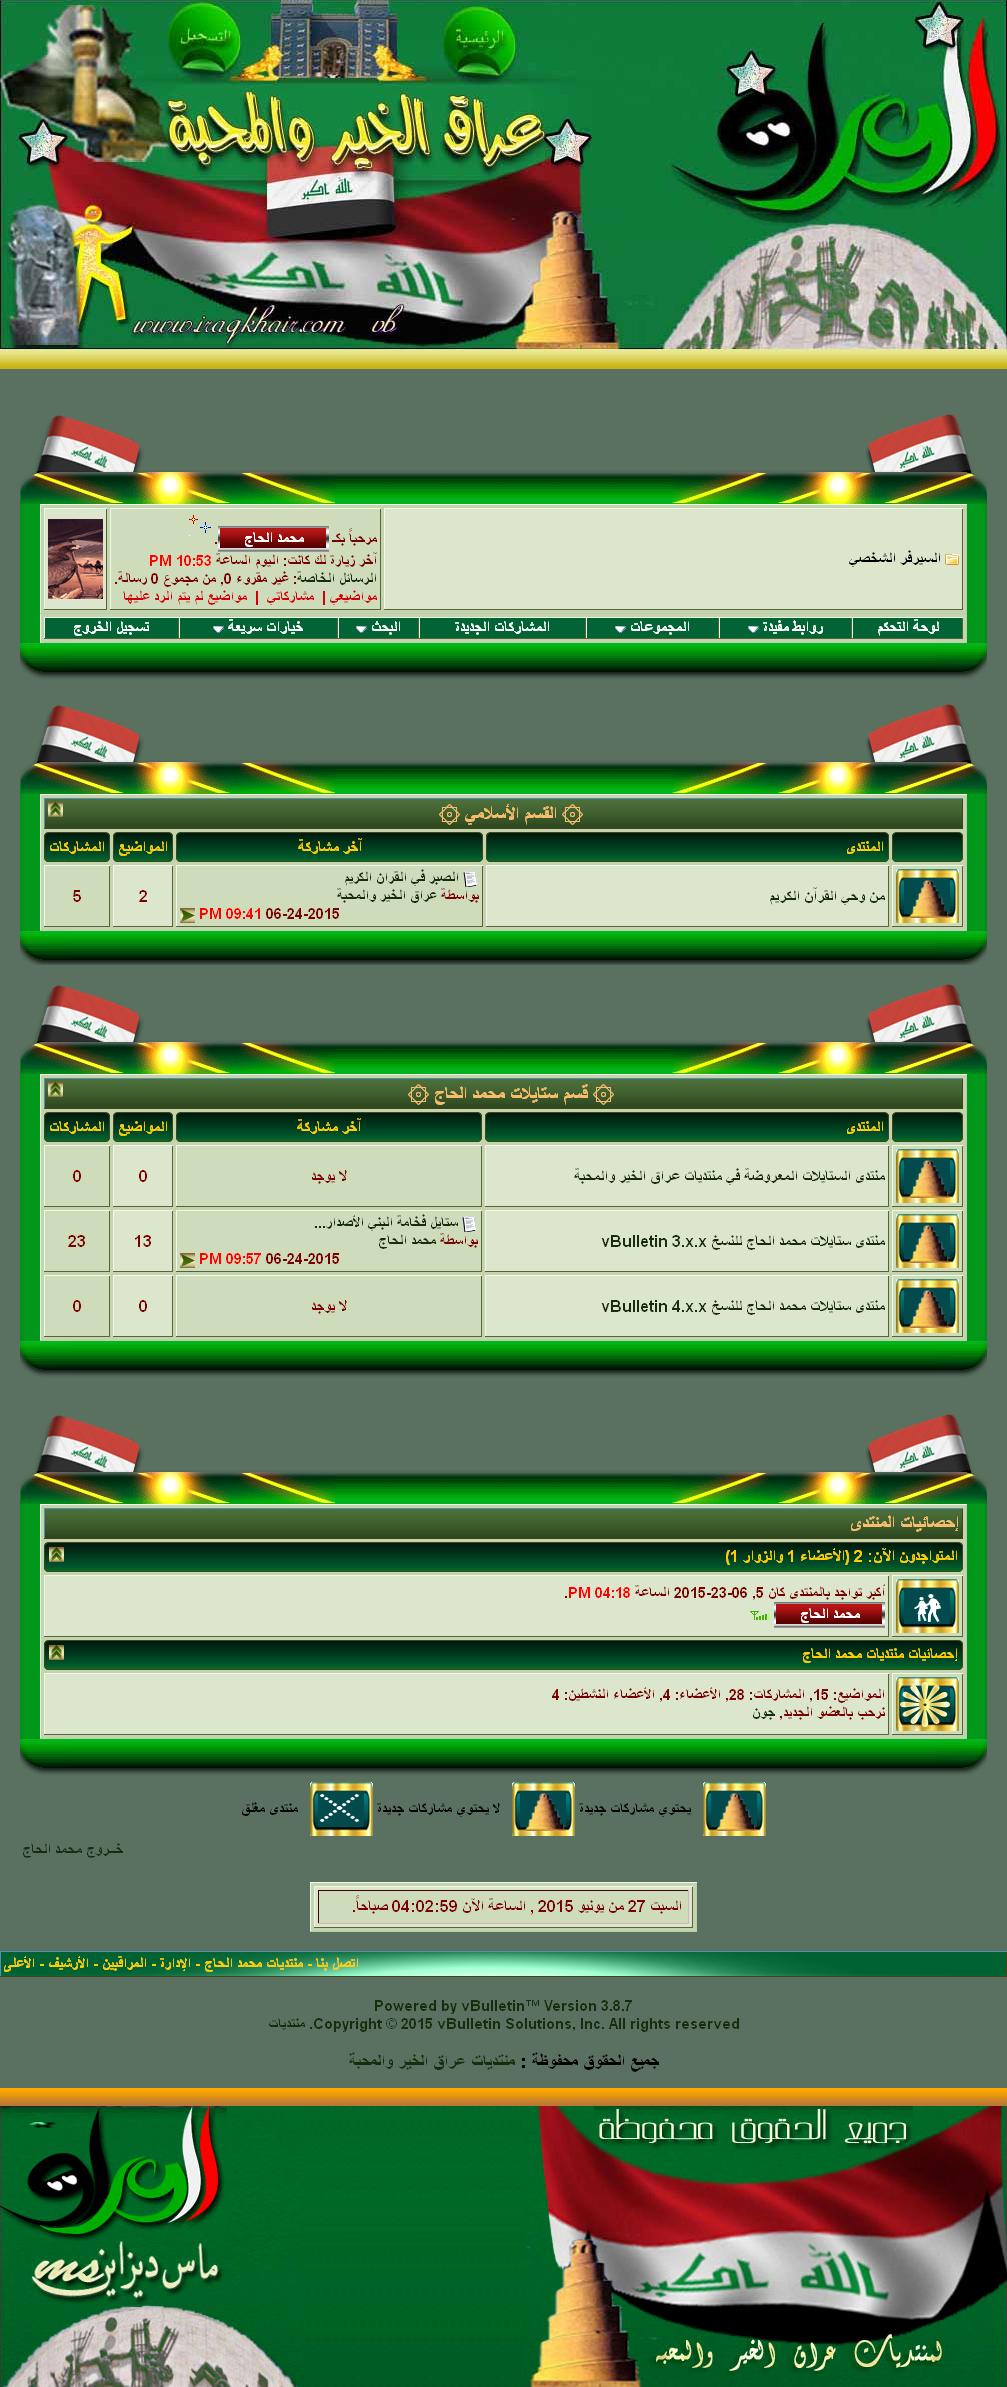 ستايل الماسة العراقية المعدل بتقنية